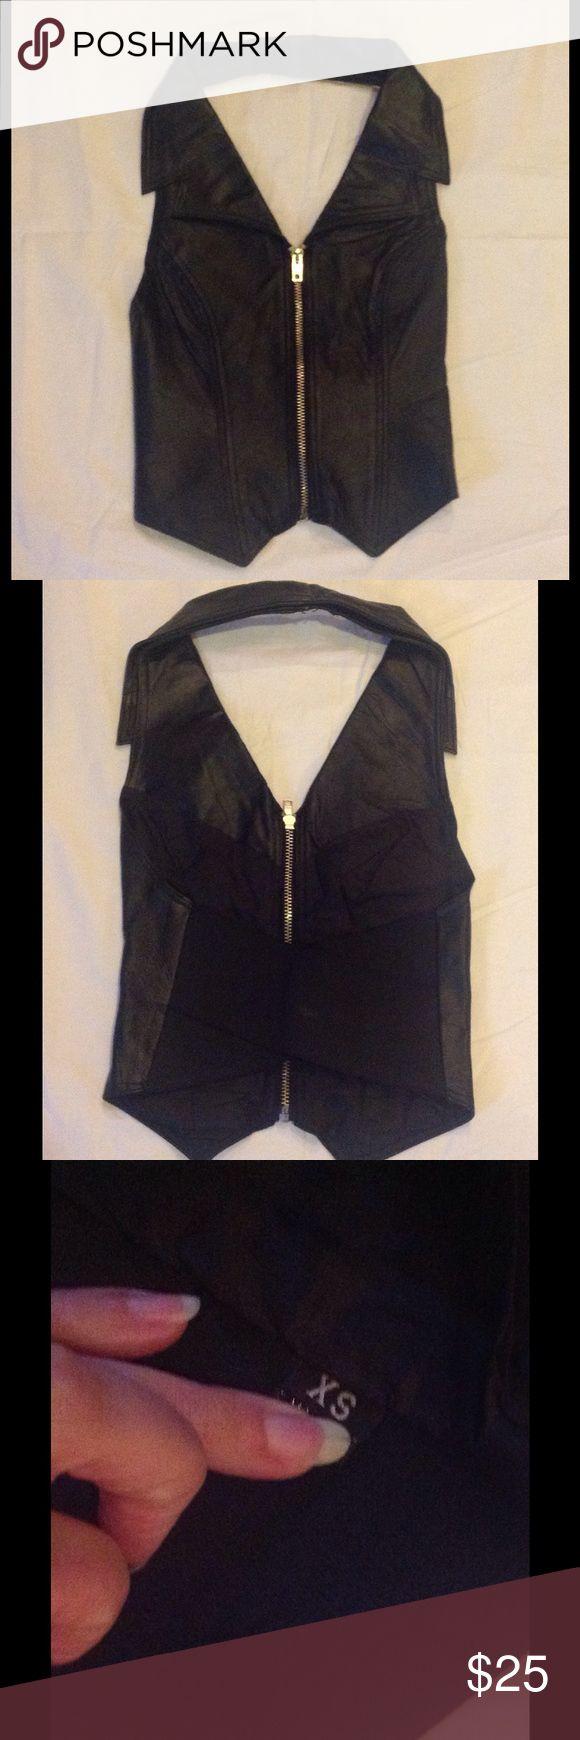 Black leather biker vest XS Black leather biker vest XS There is no tag so I can't say if it's real leather or not. Open back with elastic... Harley-Davidson Jackets & Coats Vests